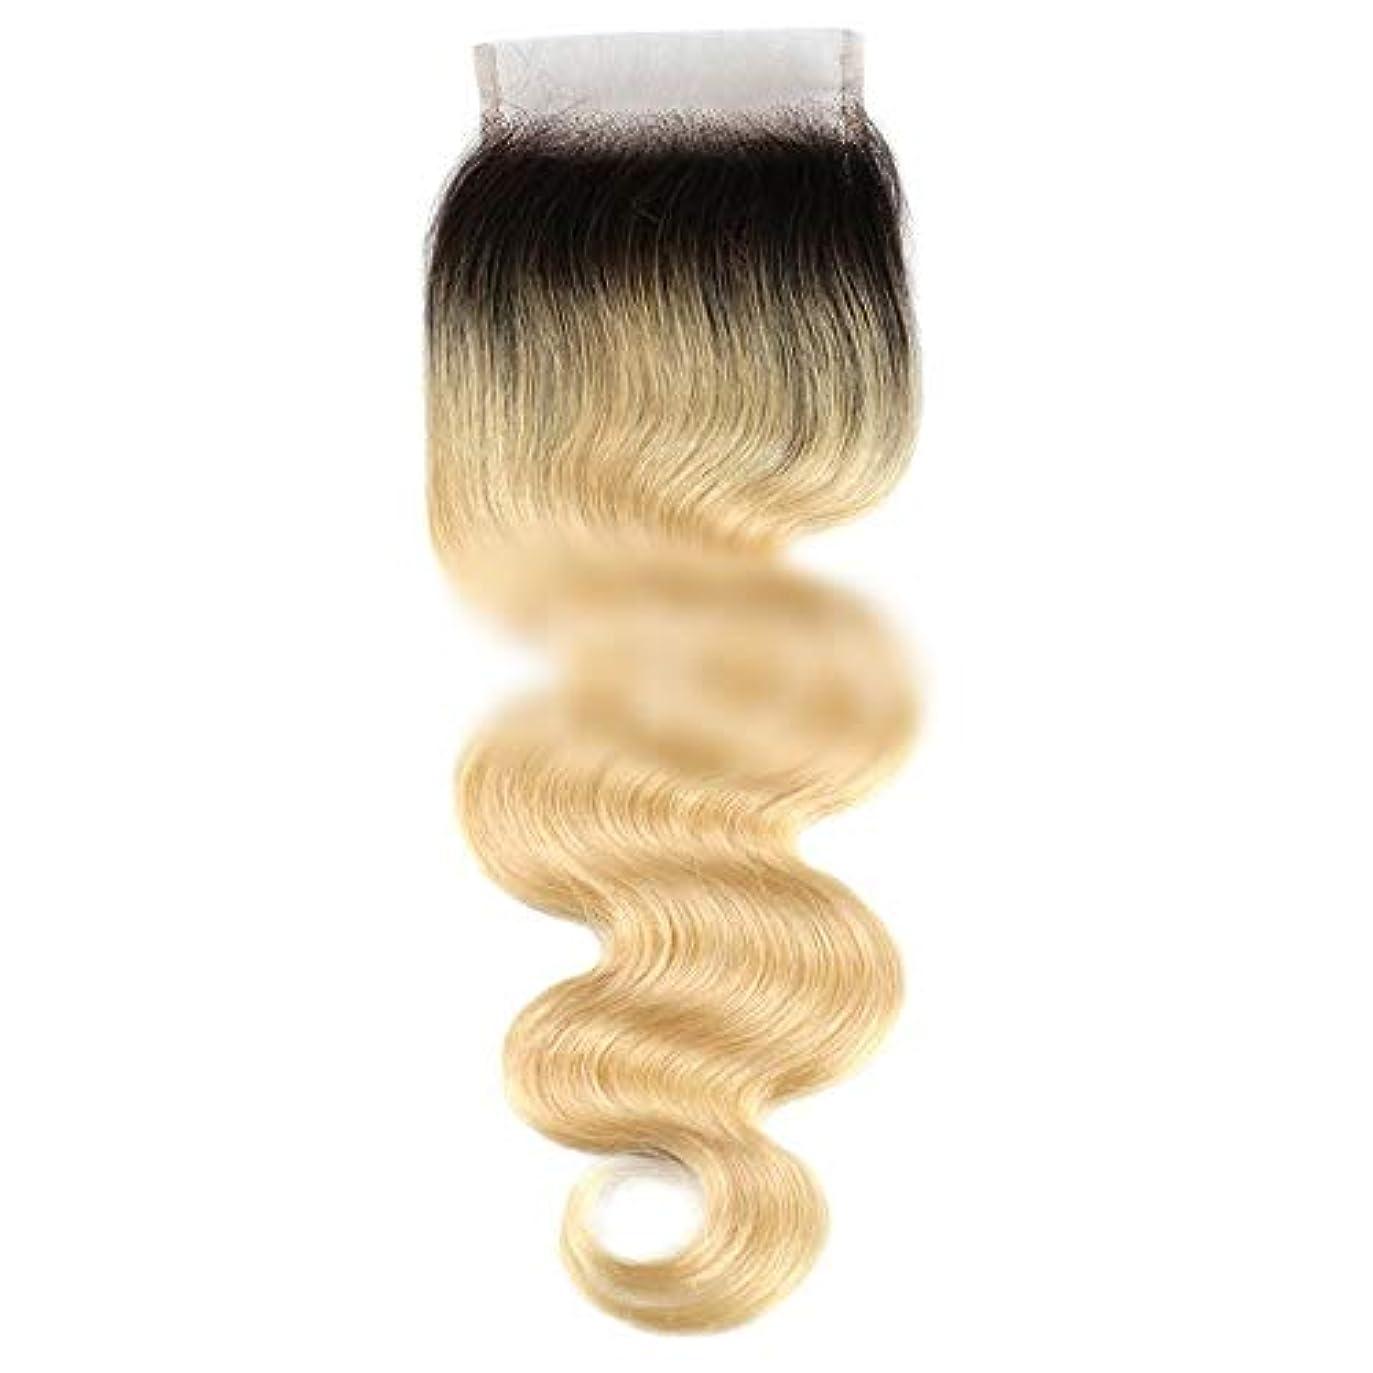 資本主義増幅器ローマ人HOHYLLYA 1B / 613#ブロンドヘア実体波4×4フリーパートレース閉鎖9Aブラジル人間の髪の毛のための合成髪レースかつらロールプレイングかつら長くて短い女性自然 (色 : Blonde, サイズ : 12 inch)